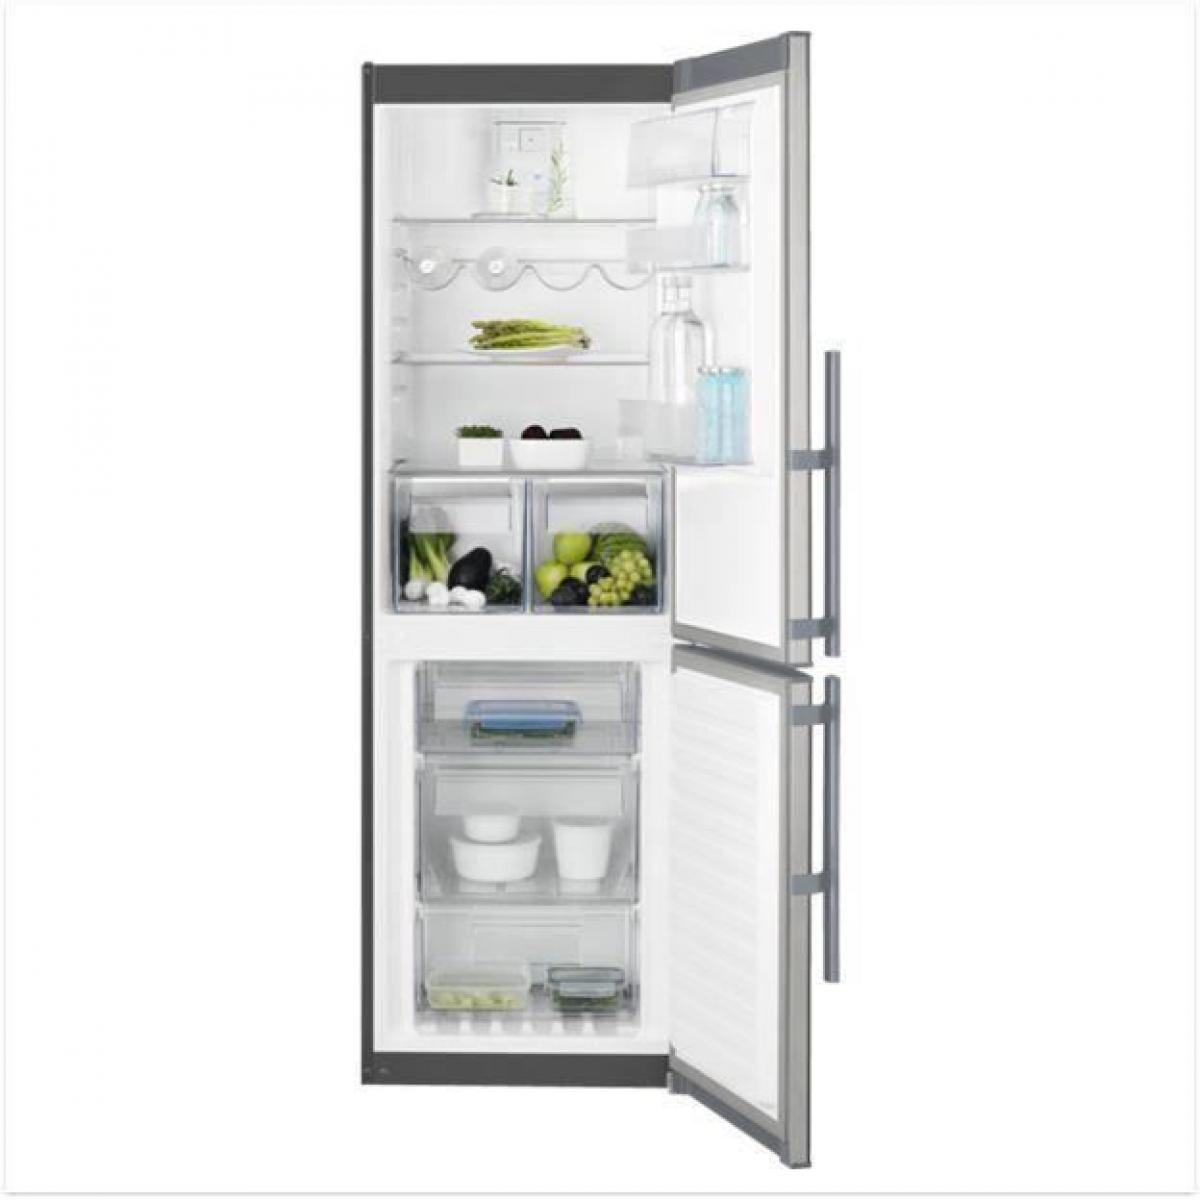 Electrolux Réfrigérateur combiné 311L Froid Ventilé ELECTROLUX 60cm A+, ELE7332543729197